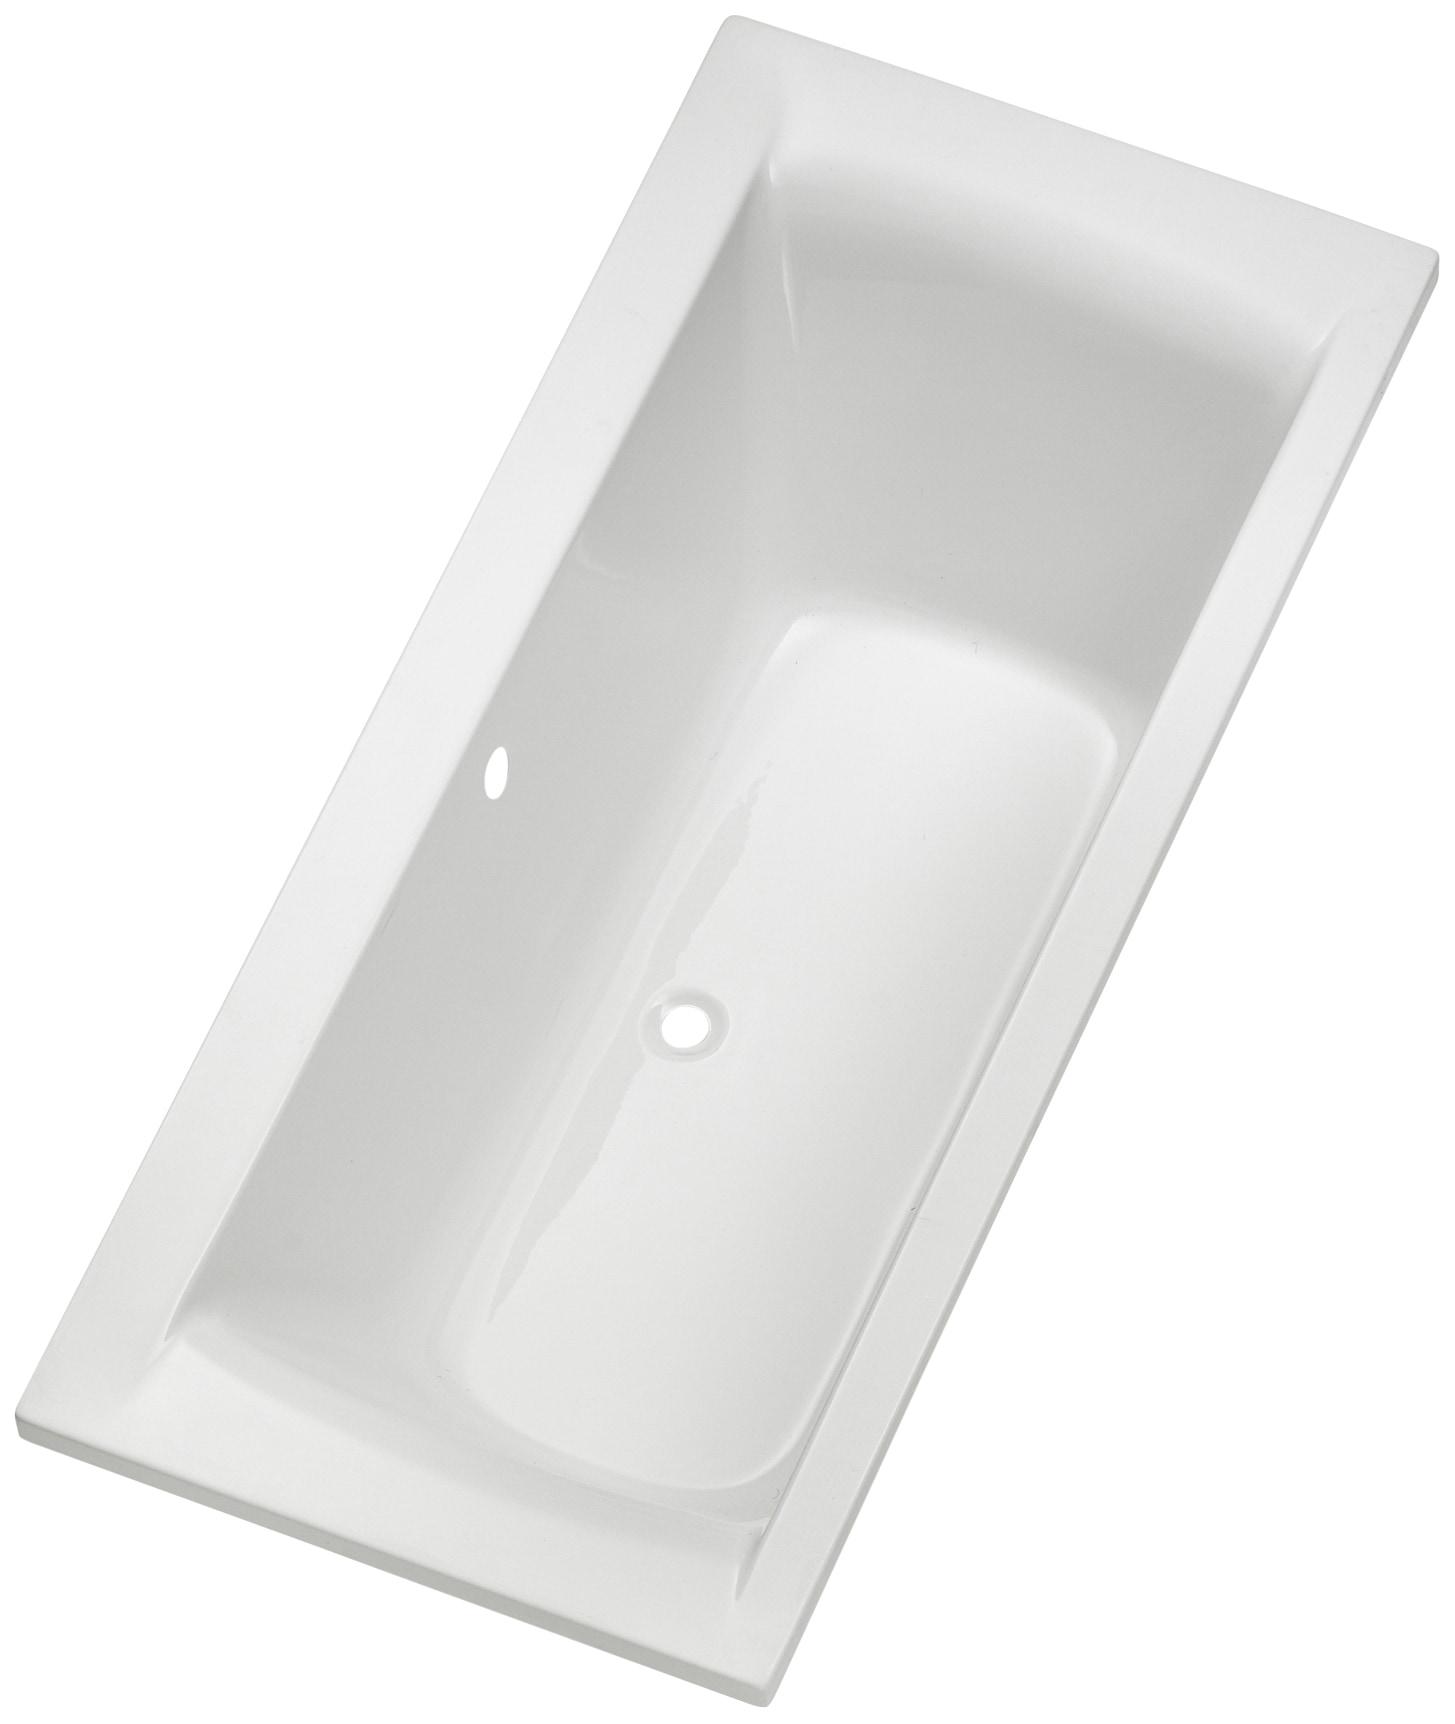 OTTOFOND Badewanne Set Duobadewanne, 1900/900/450 mm, Duobadewanne weiß Badewannen Whirlpools Bad Sanitär